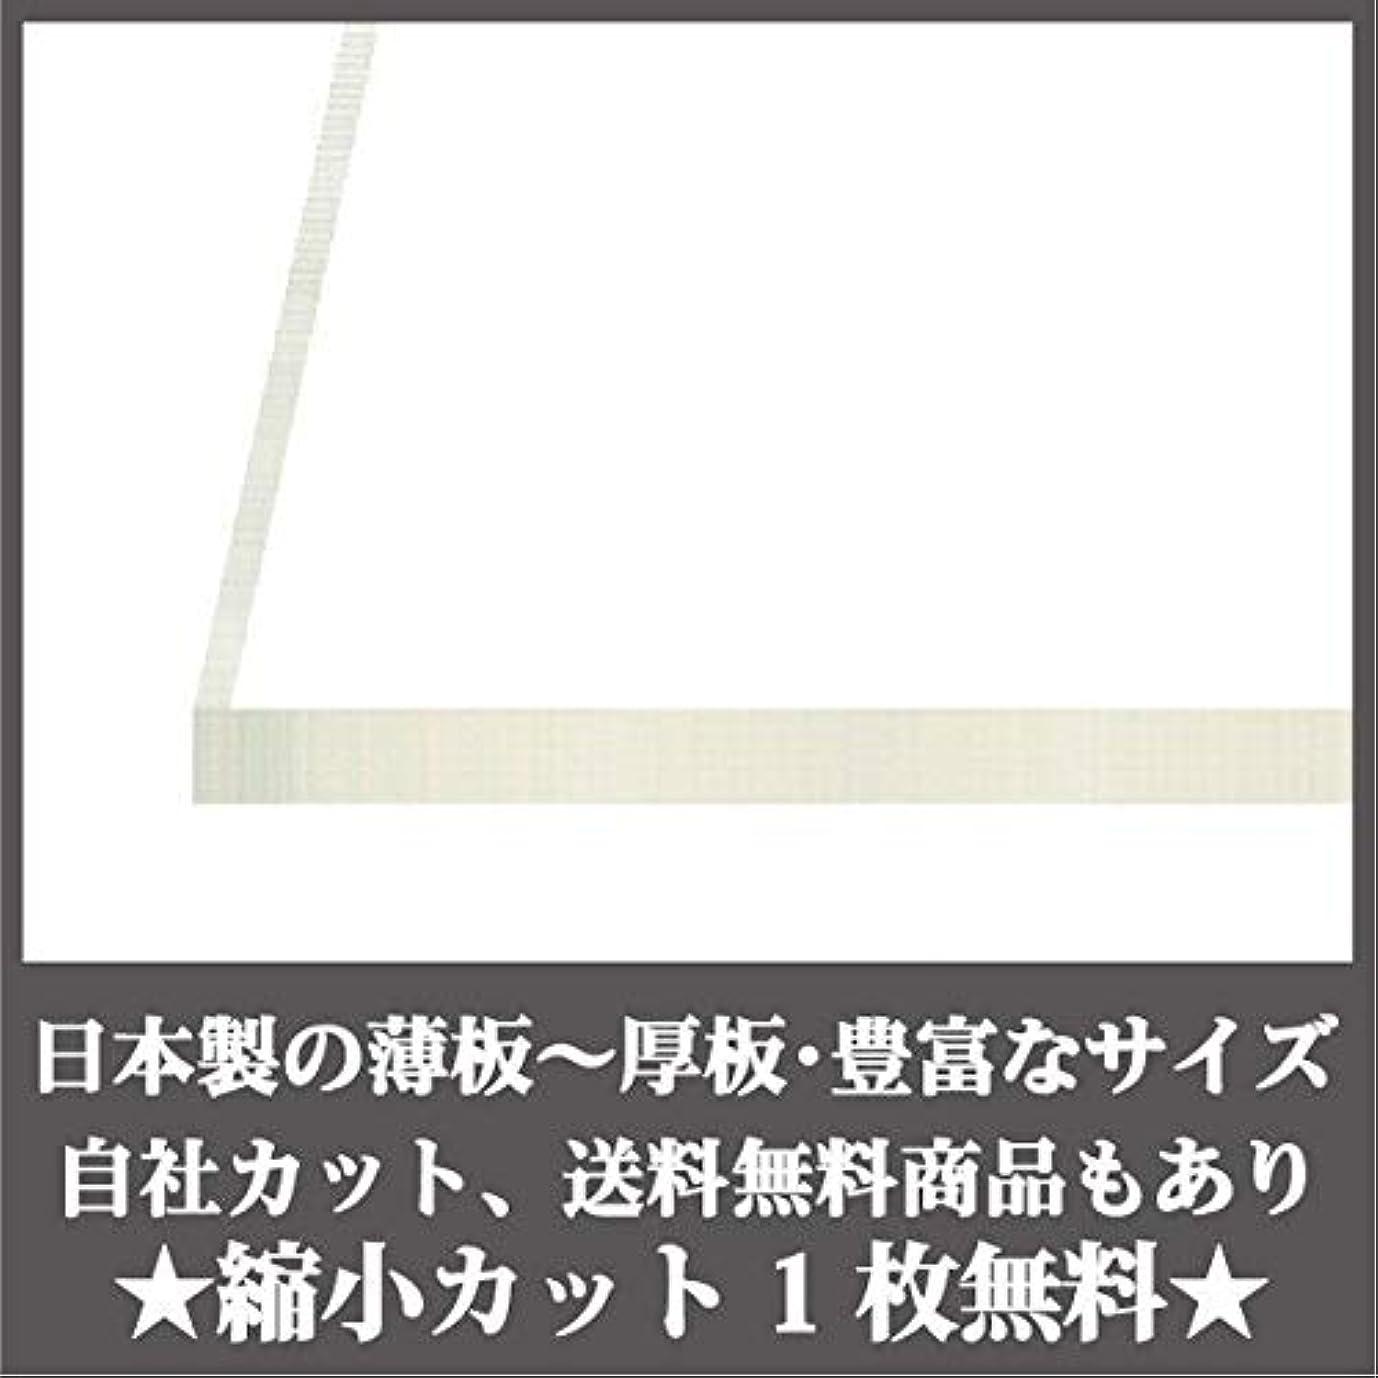 ウルル見捨てる旅行日本製 アクリル板 透明(押出板) 厚み20mm 500X600mm 縮小カット1枚無料 カンナ?糸面取り仕上(エッジで手を切る事はありません)(キャンセル返品不可)